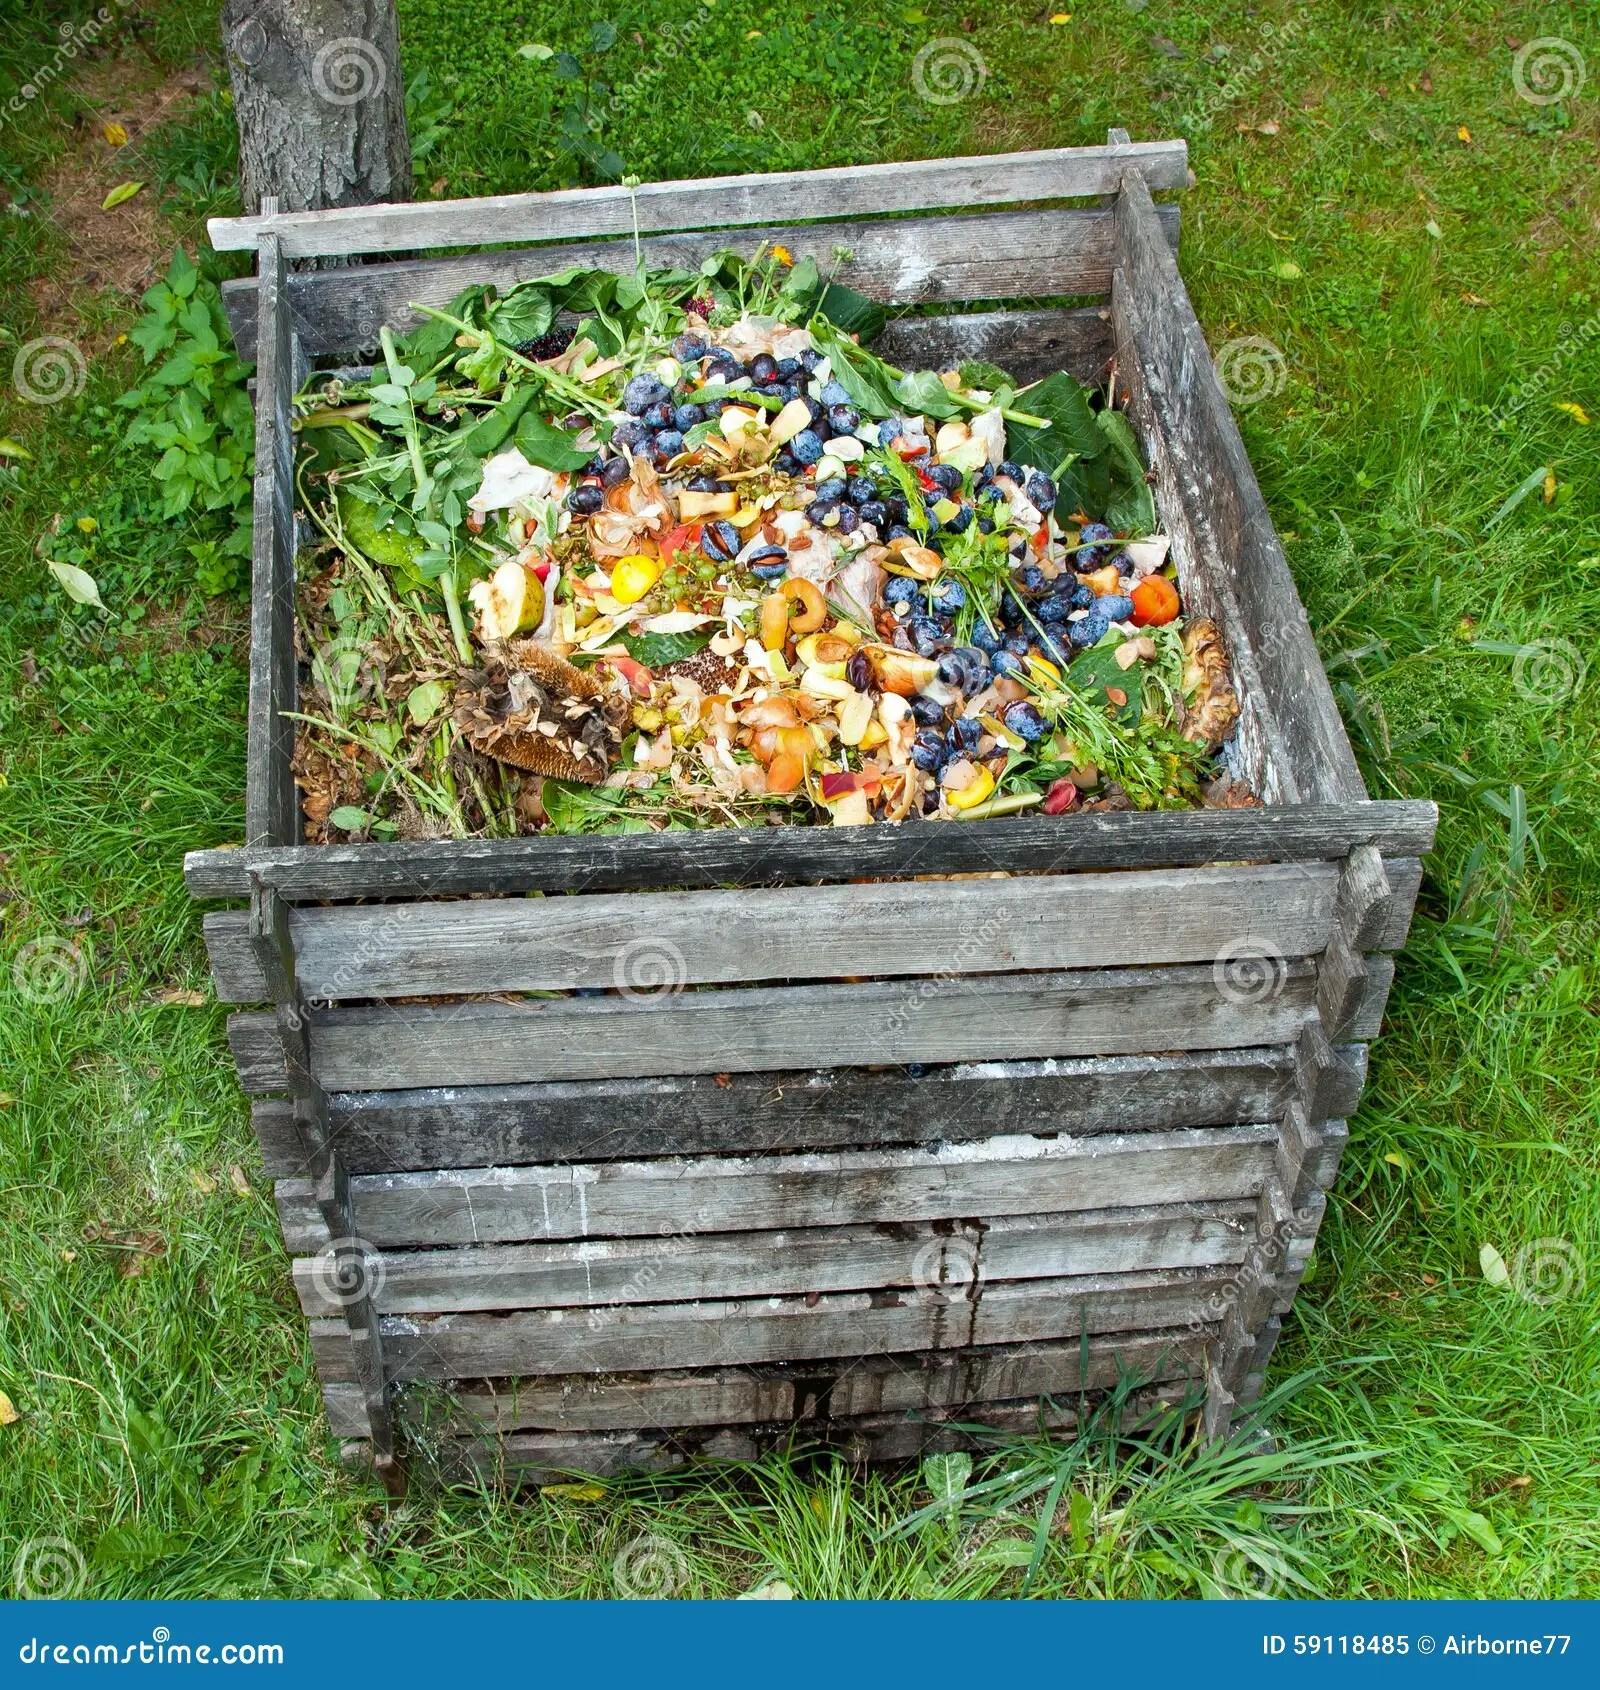 kitchen compost container designer jobs 混合肥料箱库存图片 图片包括有厨房 负责 保护 环境 垃圾 分解 混合肥料箱在庭院里堆肥堆烂掉厨房水果和蔬菜小块